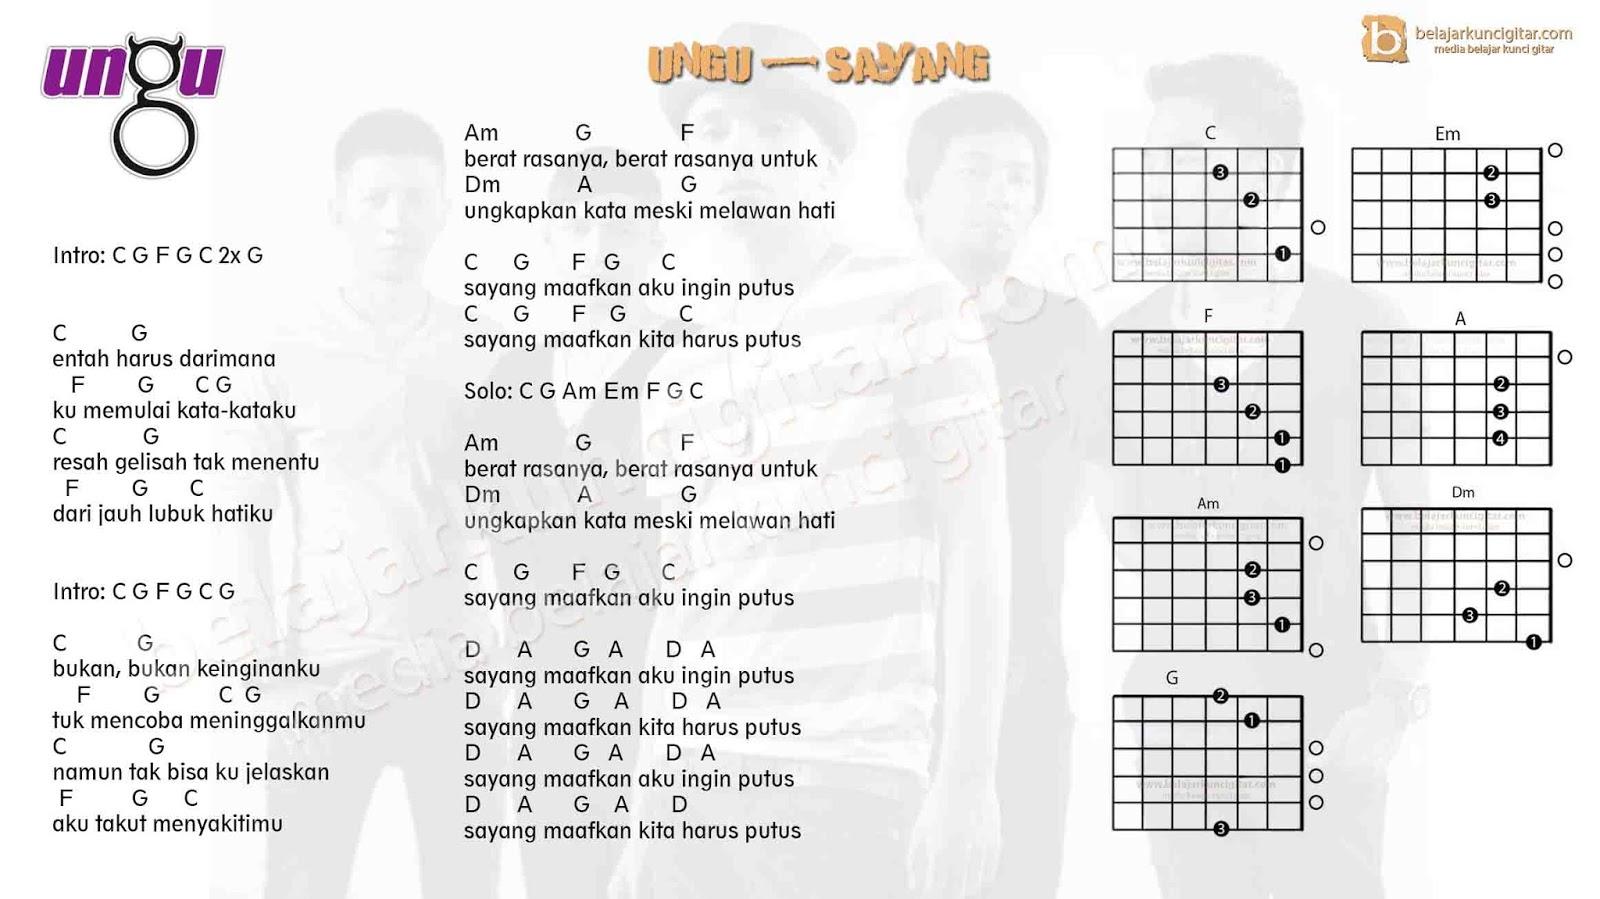 5 kunci gitar lagu ungu yang populer belajar kunci gitar kunci gitar ungu sayang reheart Choice Image